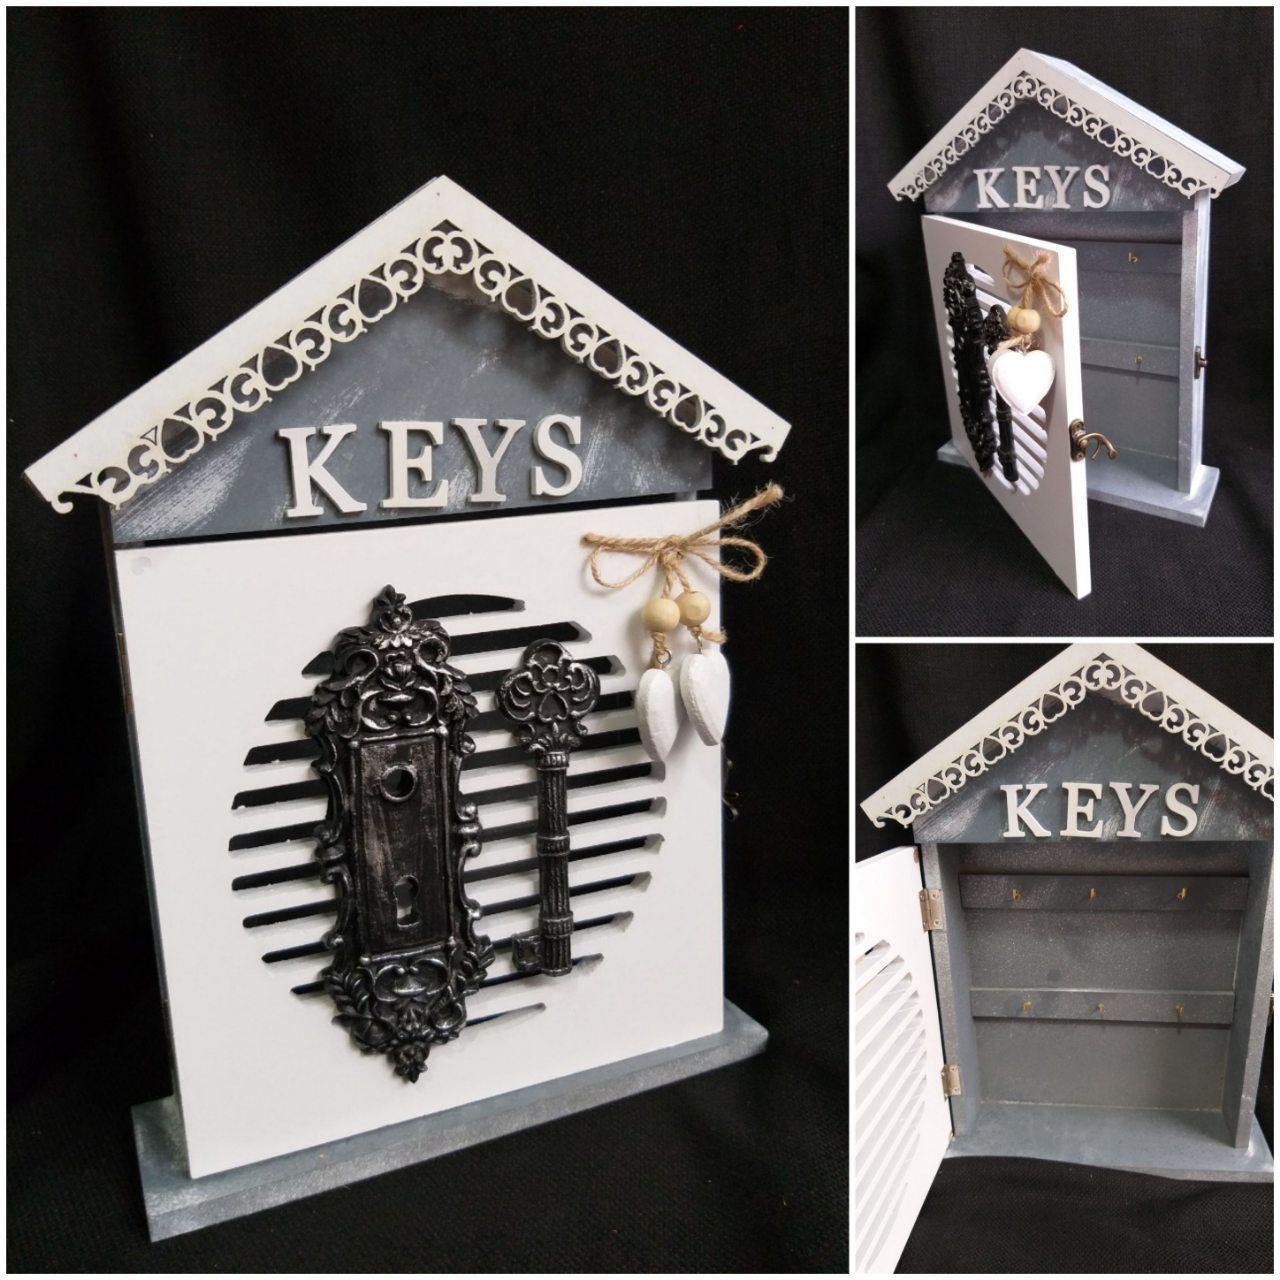 Оригинальная ключница KEYS на 6 ключей с замком, 30х23.5х5 см., 390/360 (цена за 1 шт. + 30 гр.)